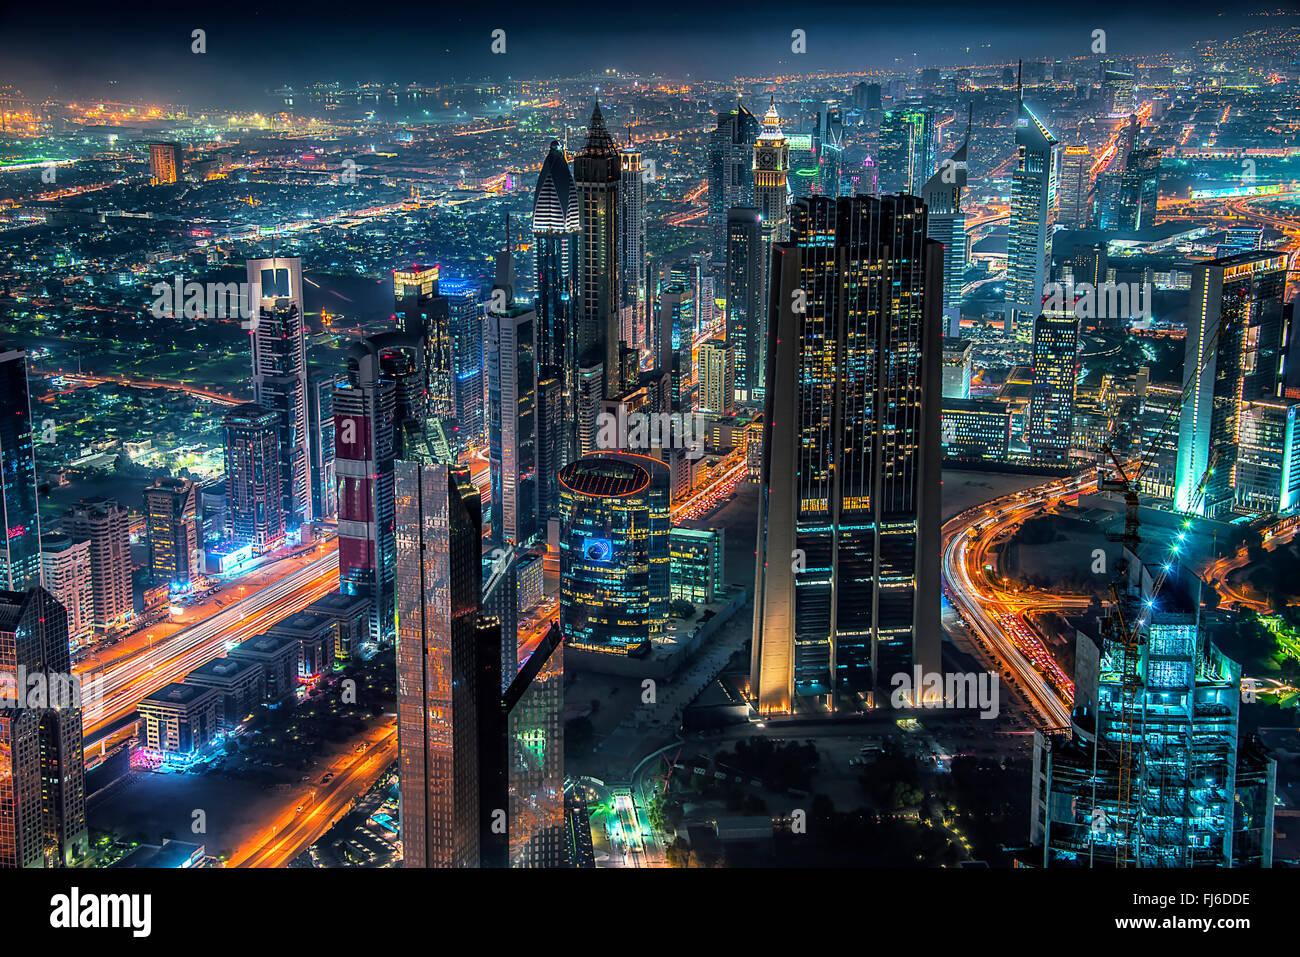 La ville de Dubaï par nuit Photo Stock